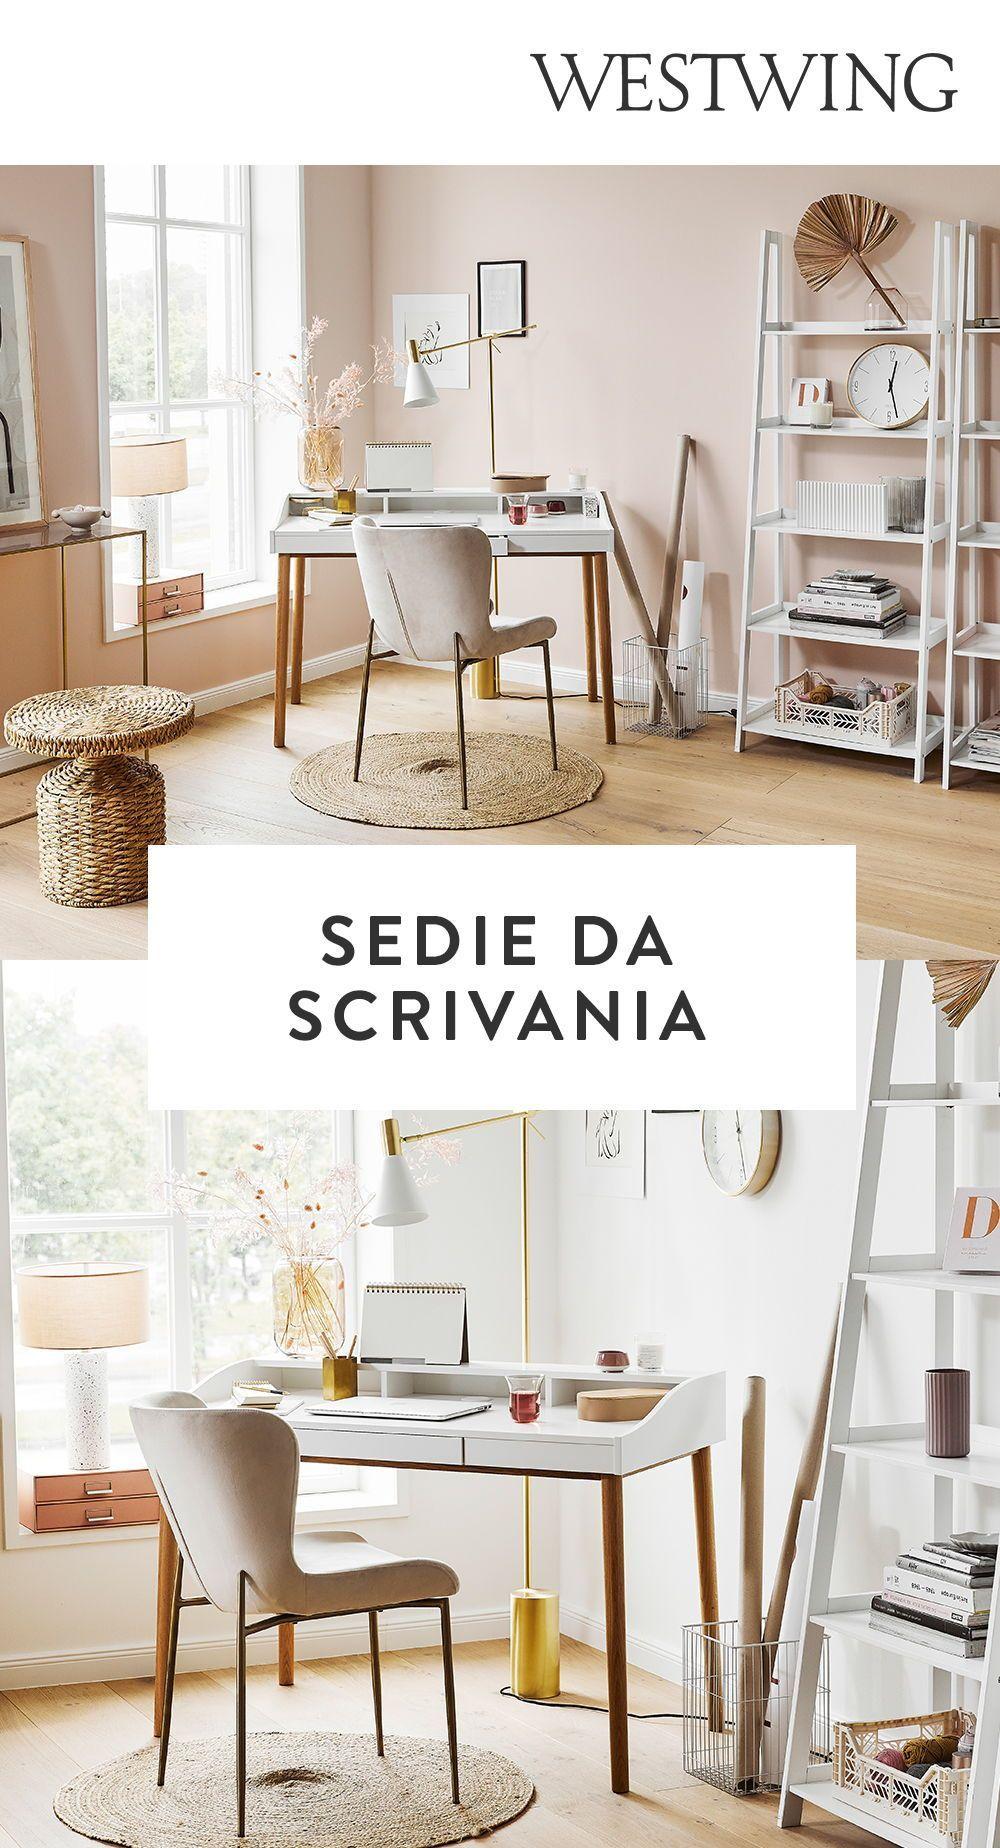 Sedie Da Scrivania Sedia Scrivania Scrivania Design Arredamento Per Ufficio